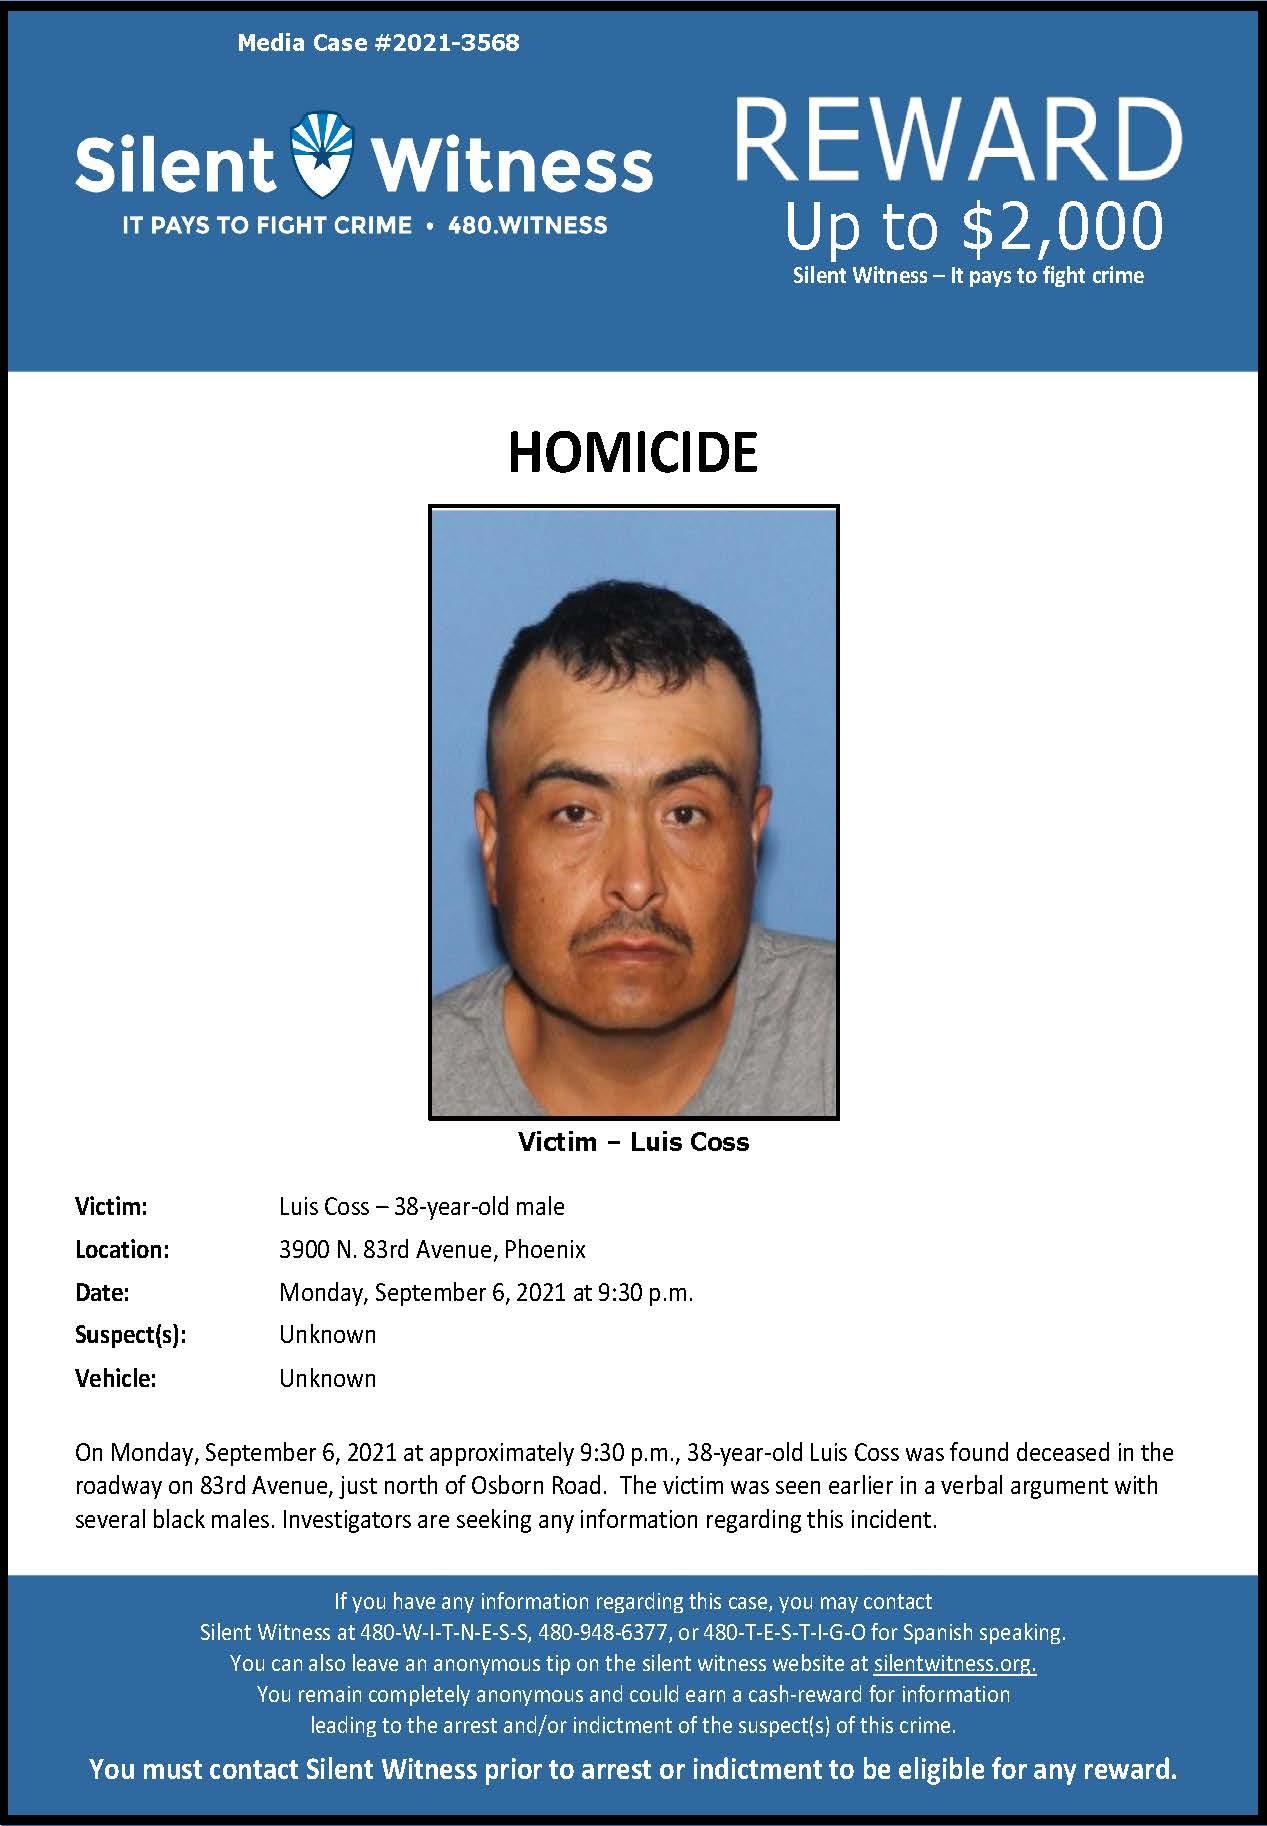 Homicide / Luis Coss / 3900 N. 83rd Ave., Phoenix